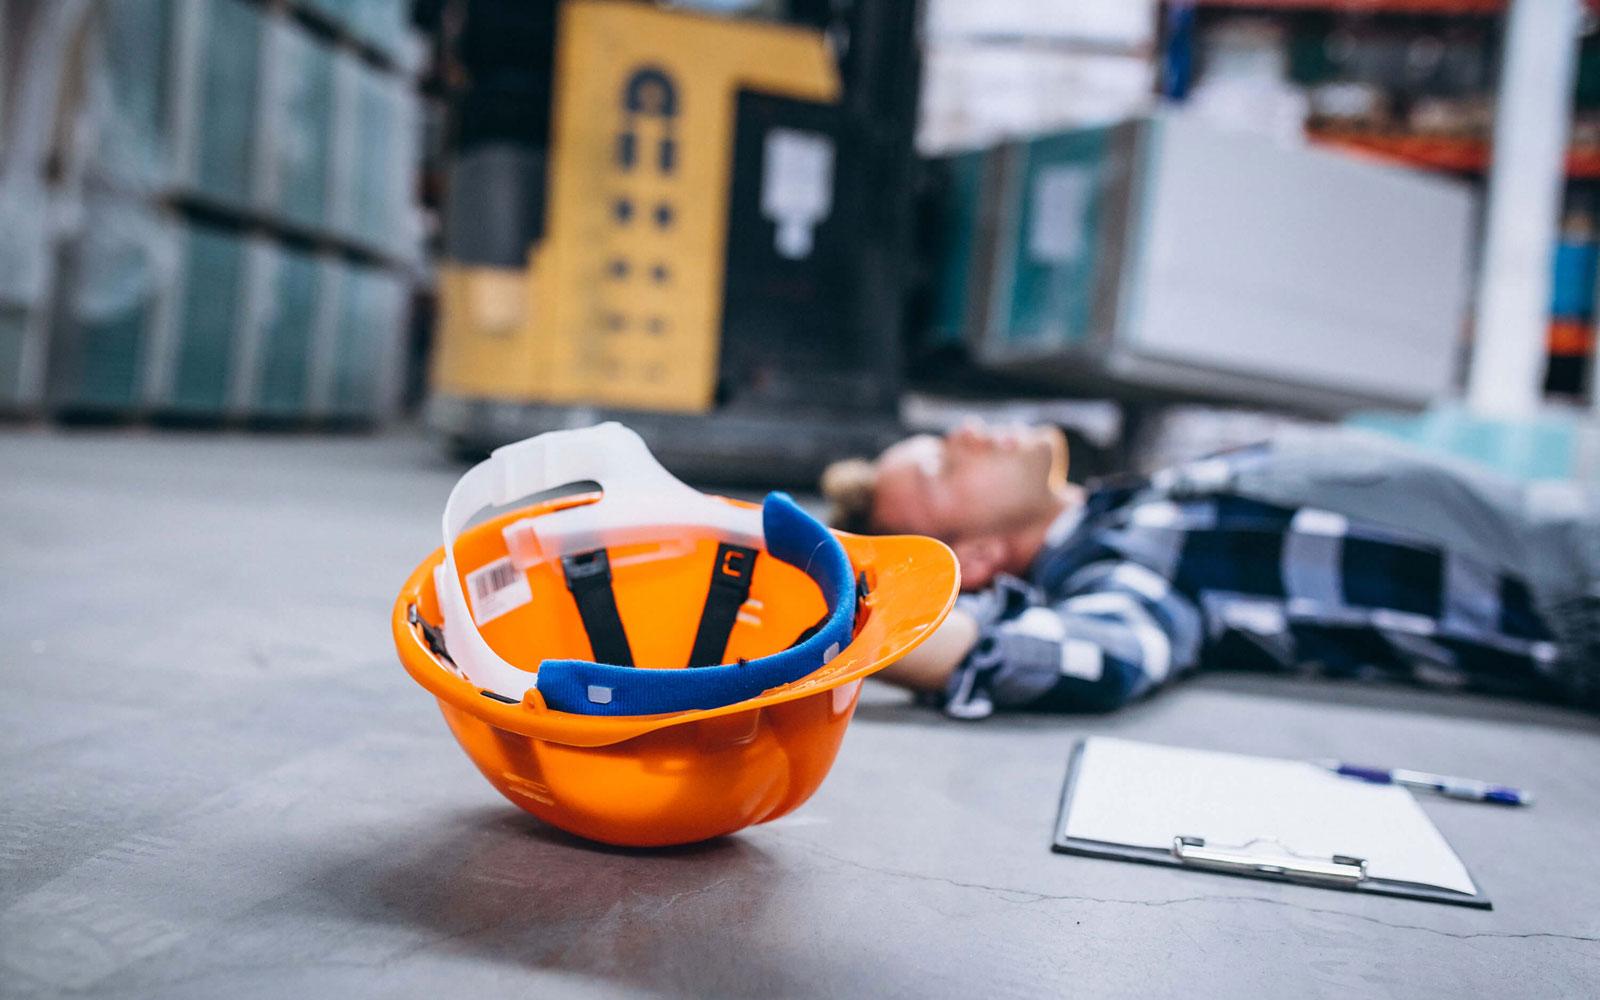 Reclamación de accidentes laborales